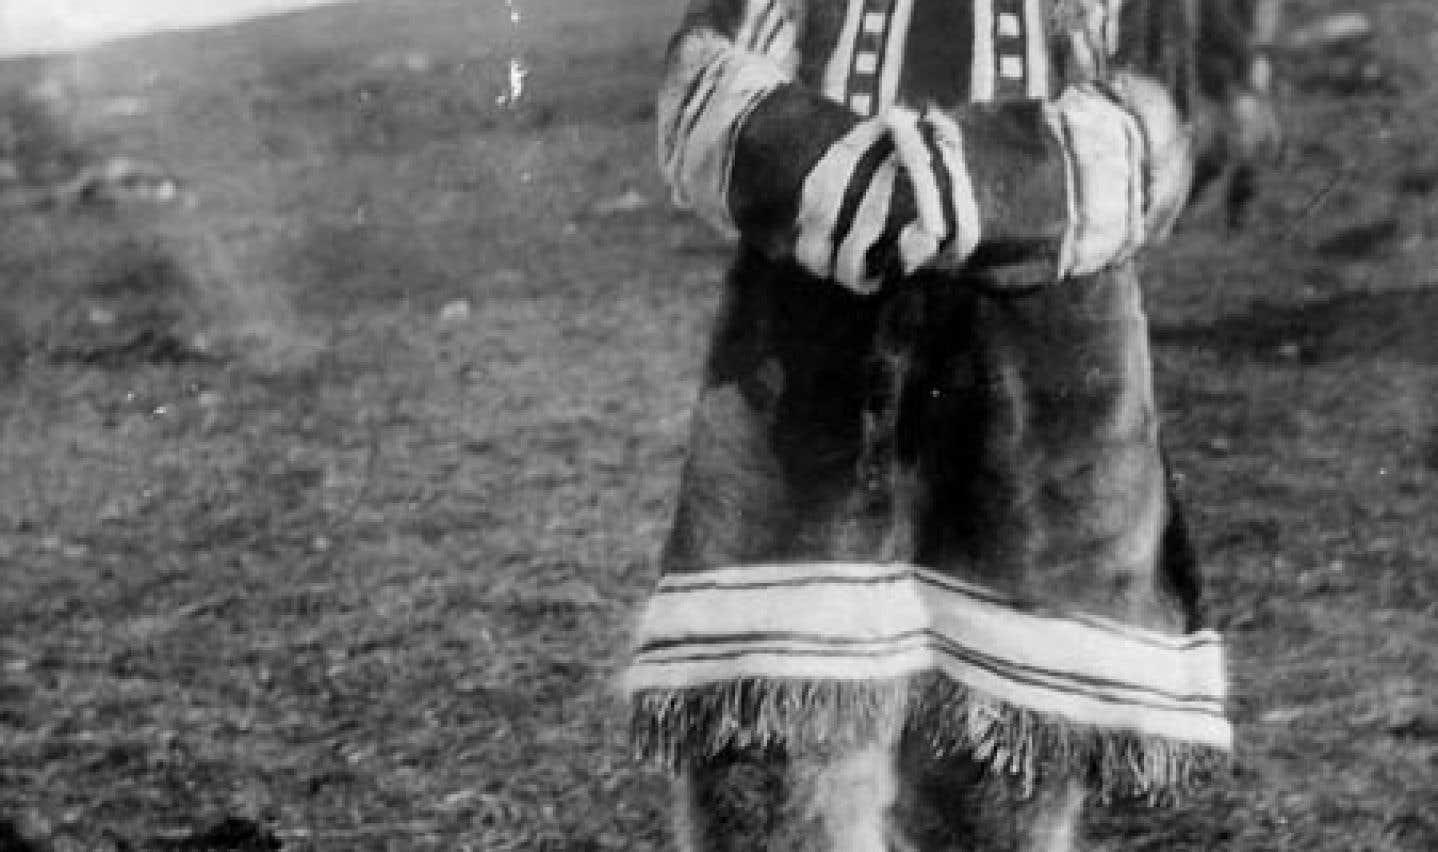 Femme autochtone, Pond Inlet, Île de Baffin, T.N.-O. [(Mittimatalik/Tununiq), Nunavut], 1923. Le projet a permis de découvrir qu'il s'agit de Miali Aarjuaq. Elle a été photographiée près du détachement de la GRC.